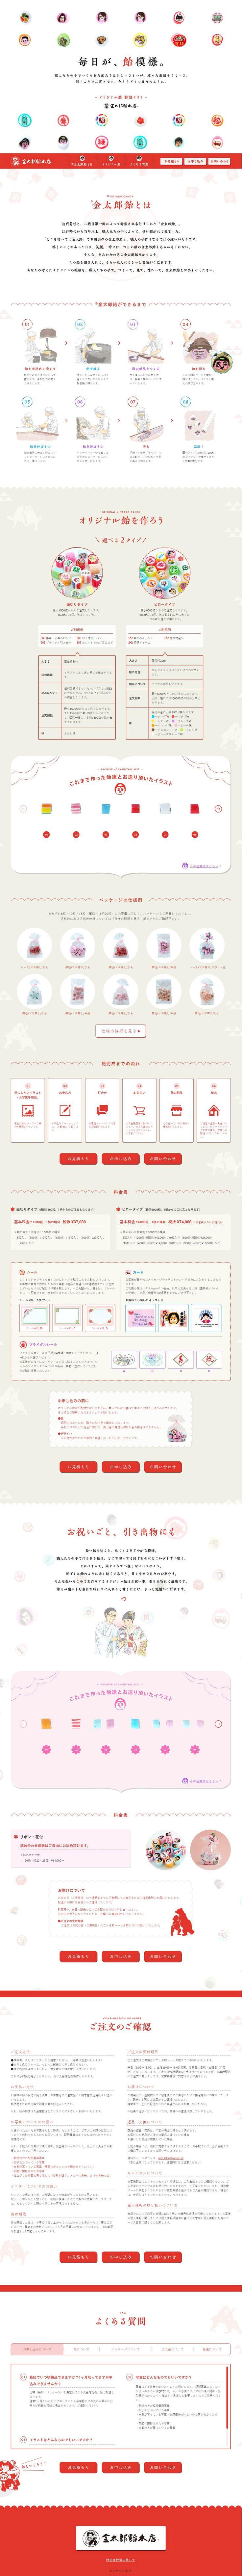 ®金太郎飴本店 オリジナル飴 特設サイト SANKOU!